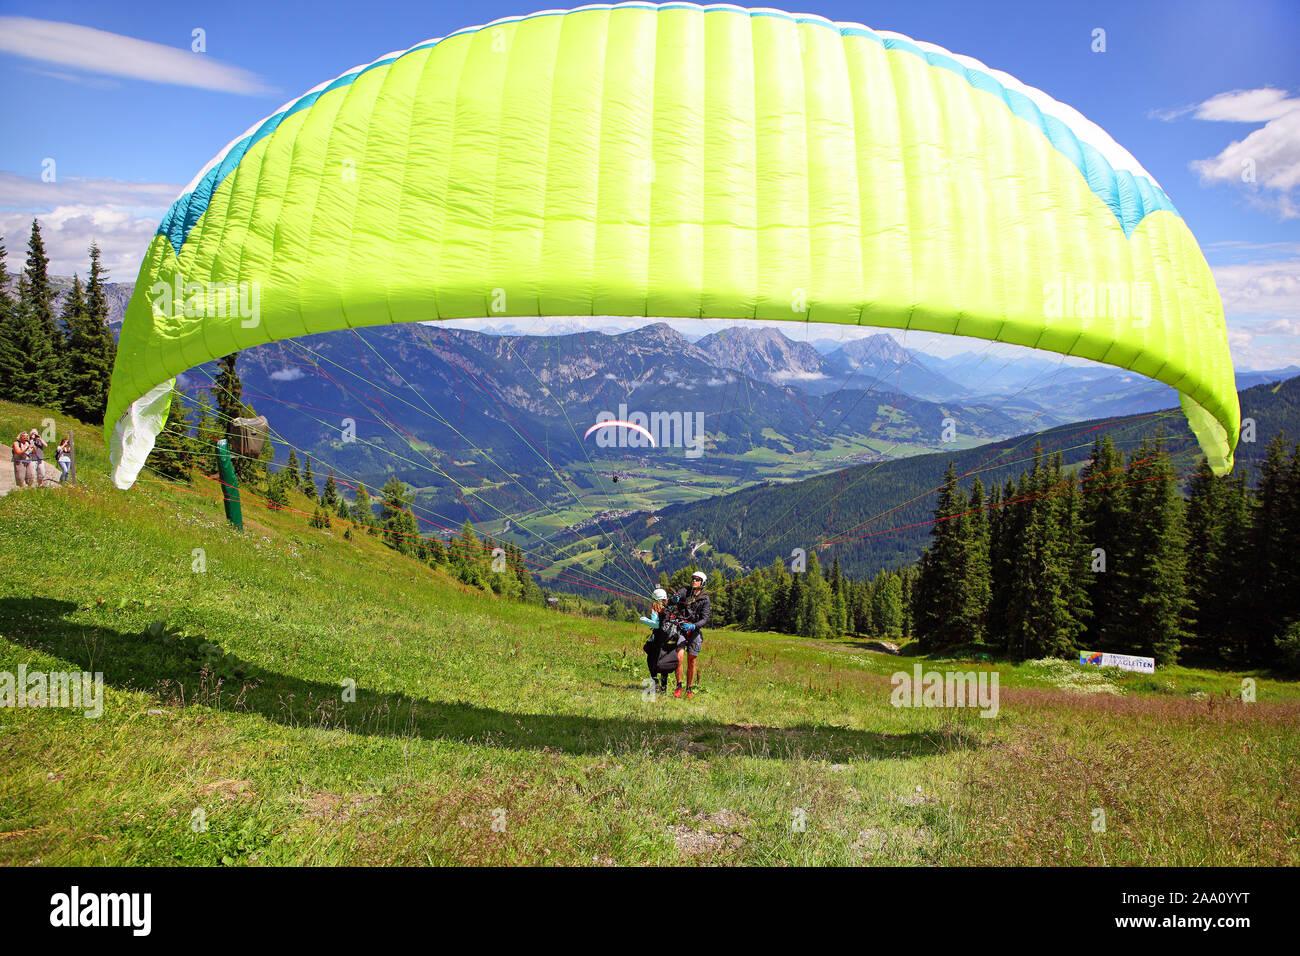 Gleitschirmflieger starten zu einemTandemsprung, Planai, Schladming, Steiermark, Österreich, Europa Stockfoto